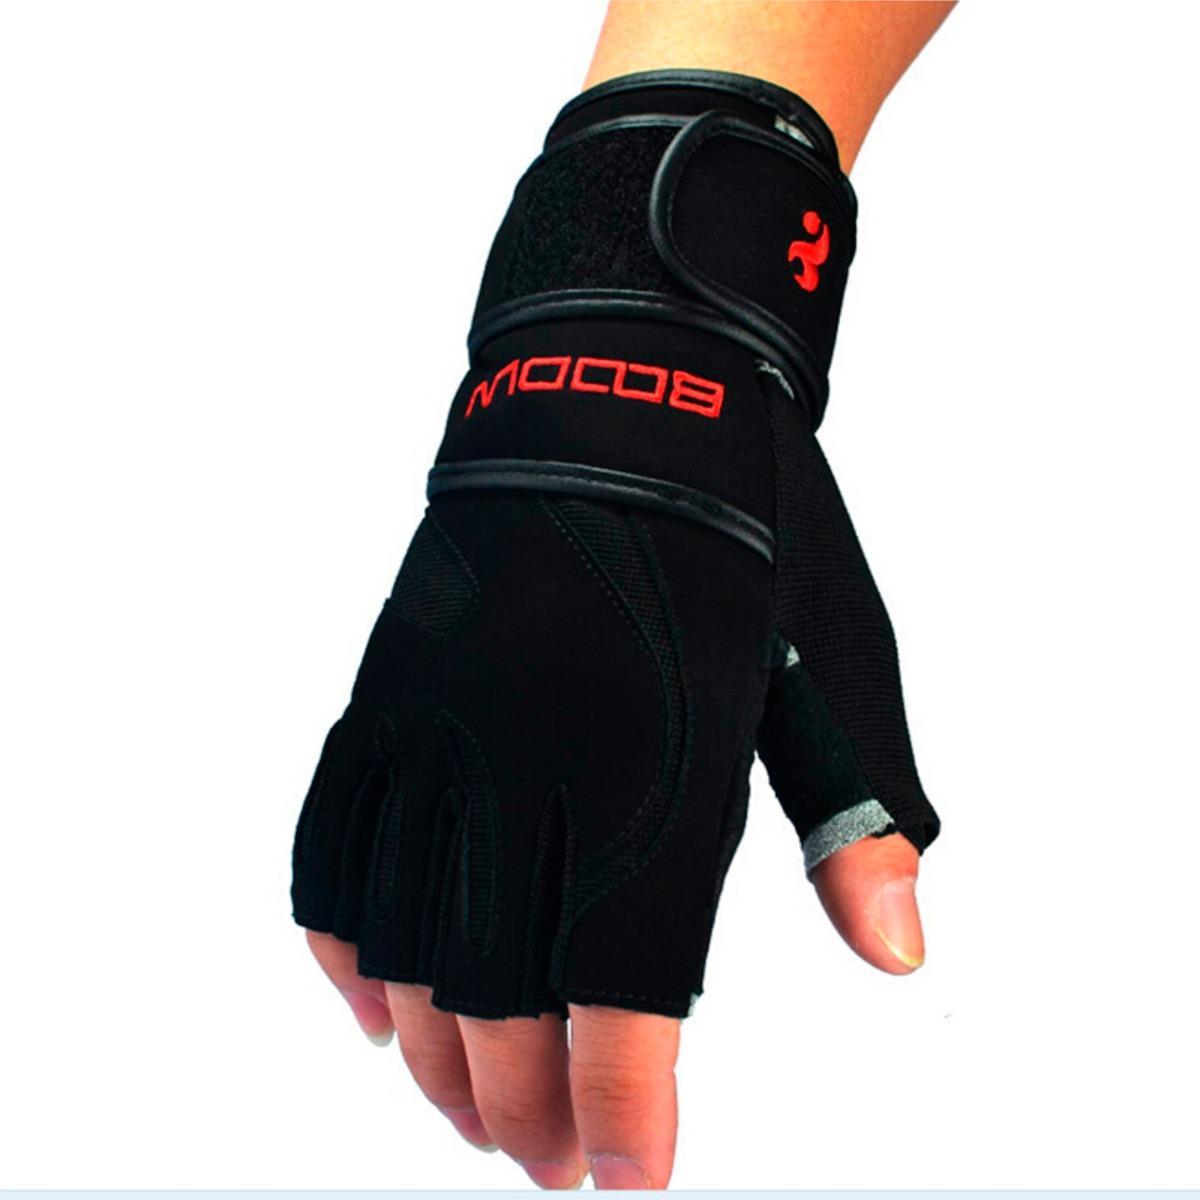 23647869e6 luva academia musculação treino fitness ajust. boodun unisse. Carregando  zoom.